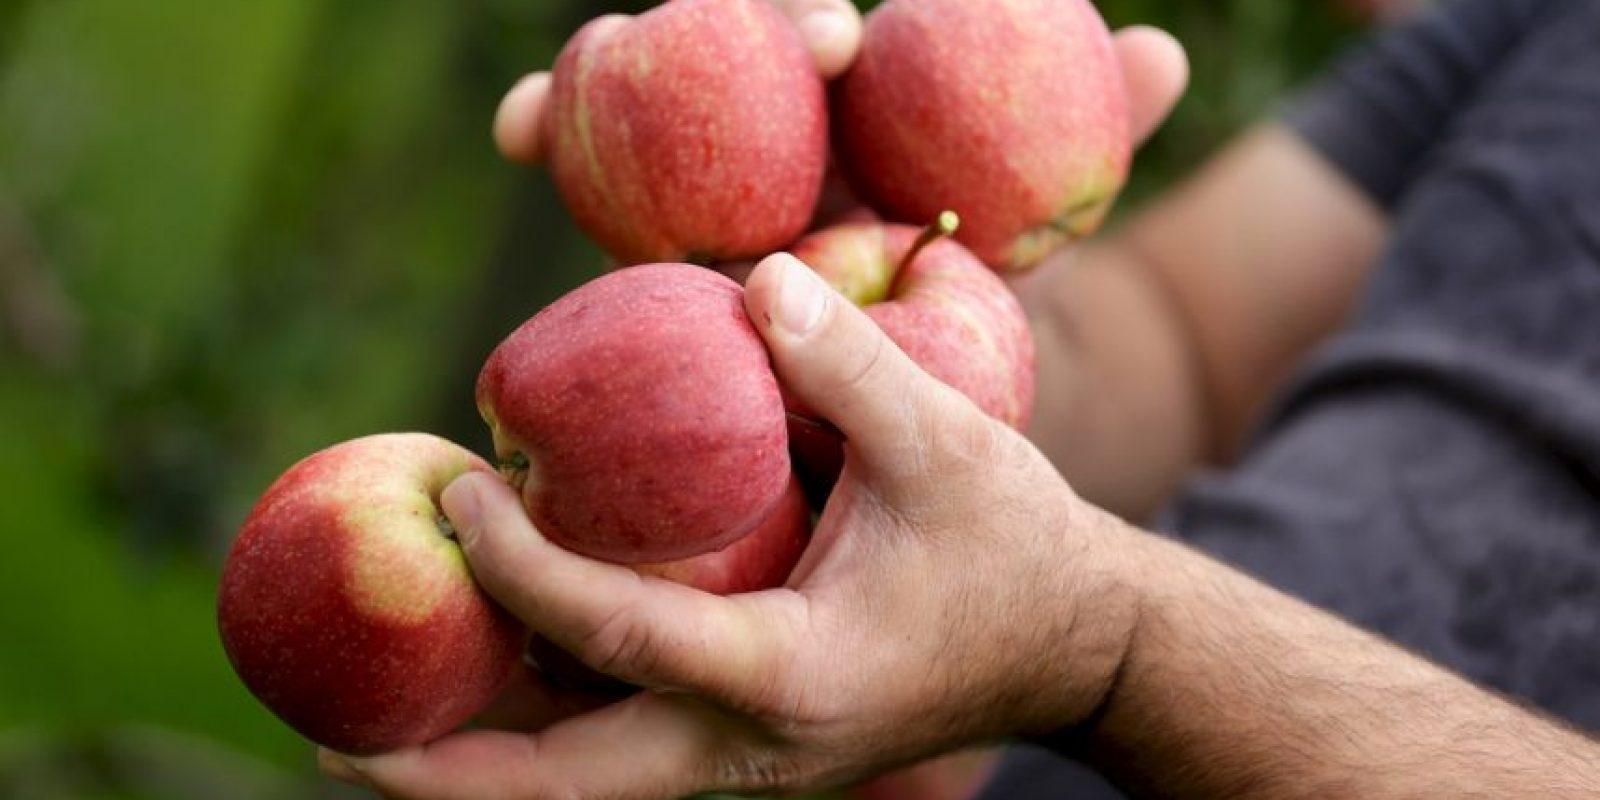 Las manzanas son una buena fuente de fibra y de vitamina C. Tienen una gran potencia antioxidante. Contienen Quercetina, que tiene propiedades antinflamatorias. Foto:Getty Images